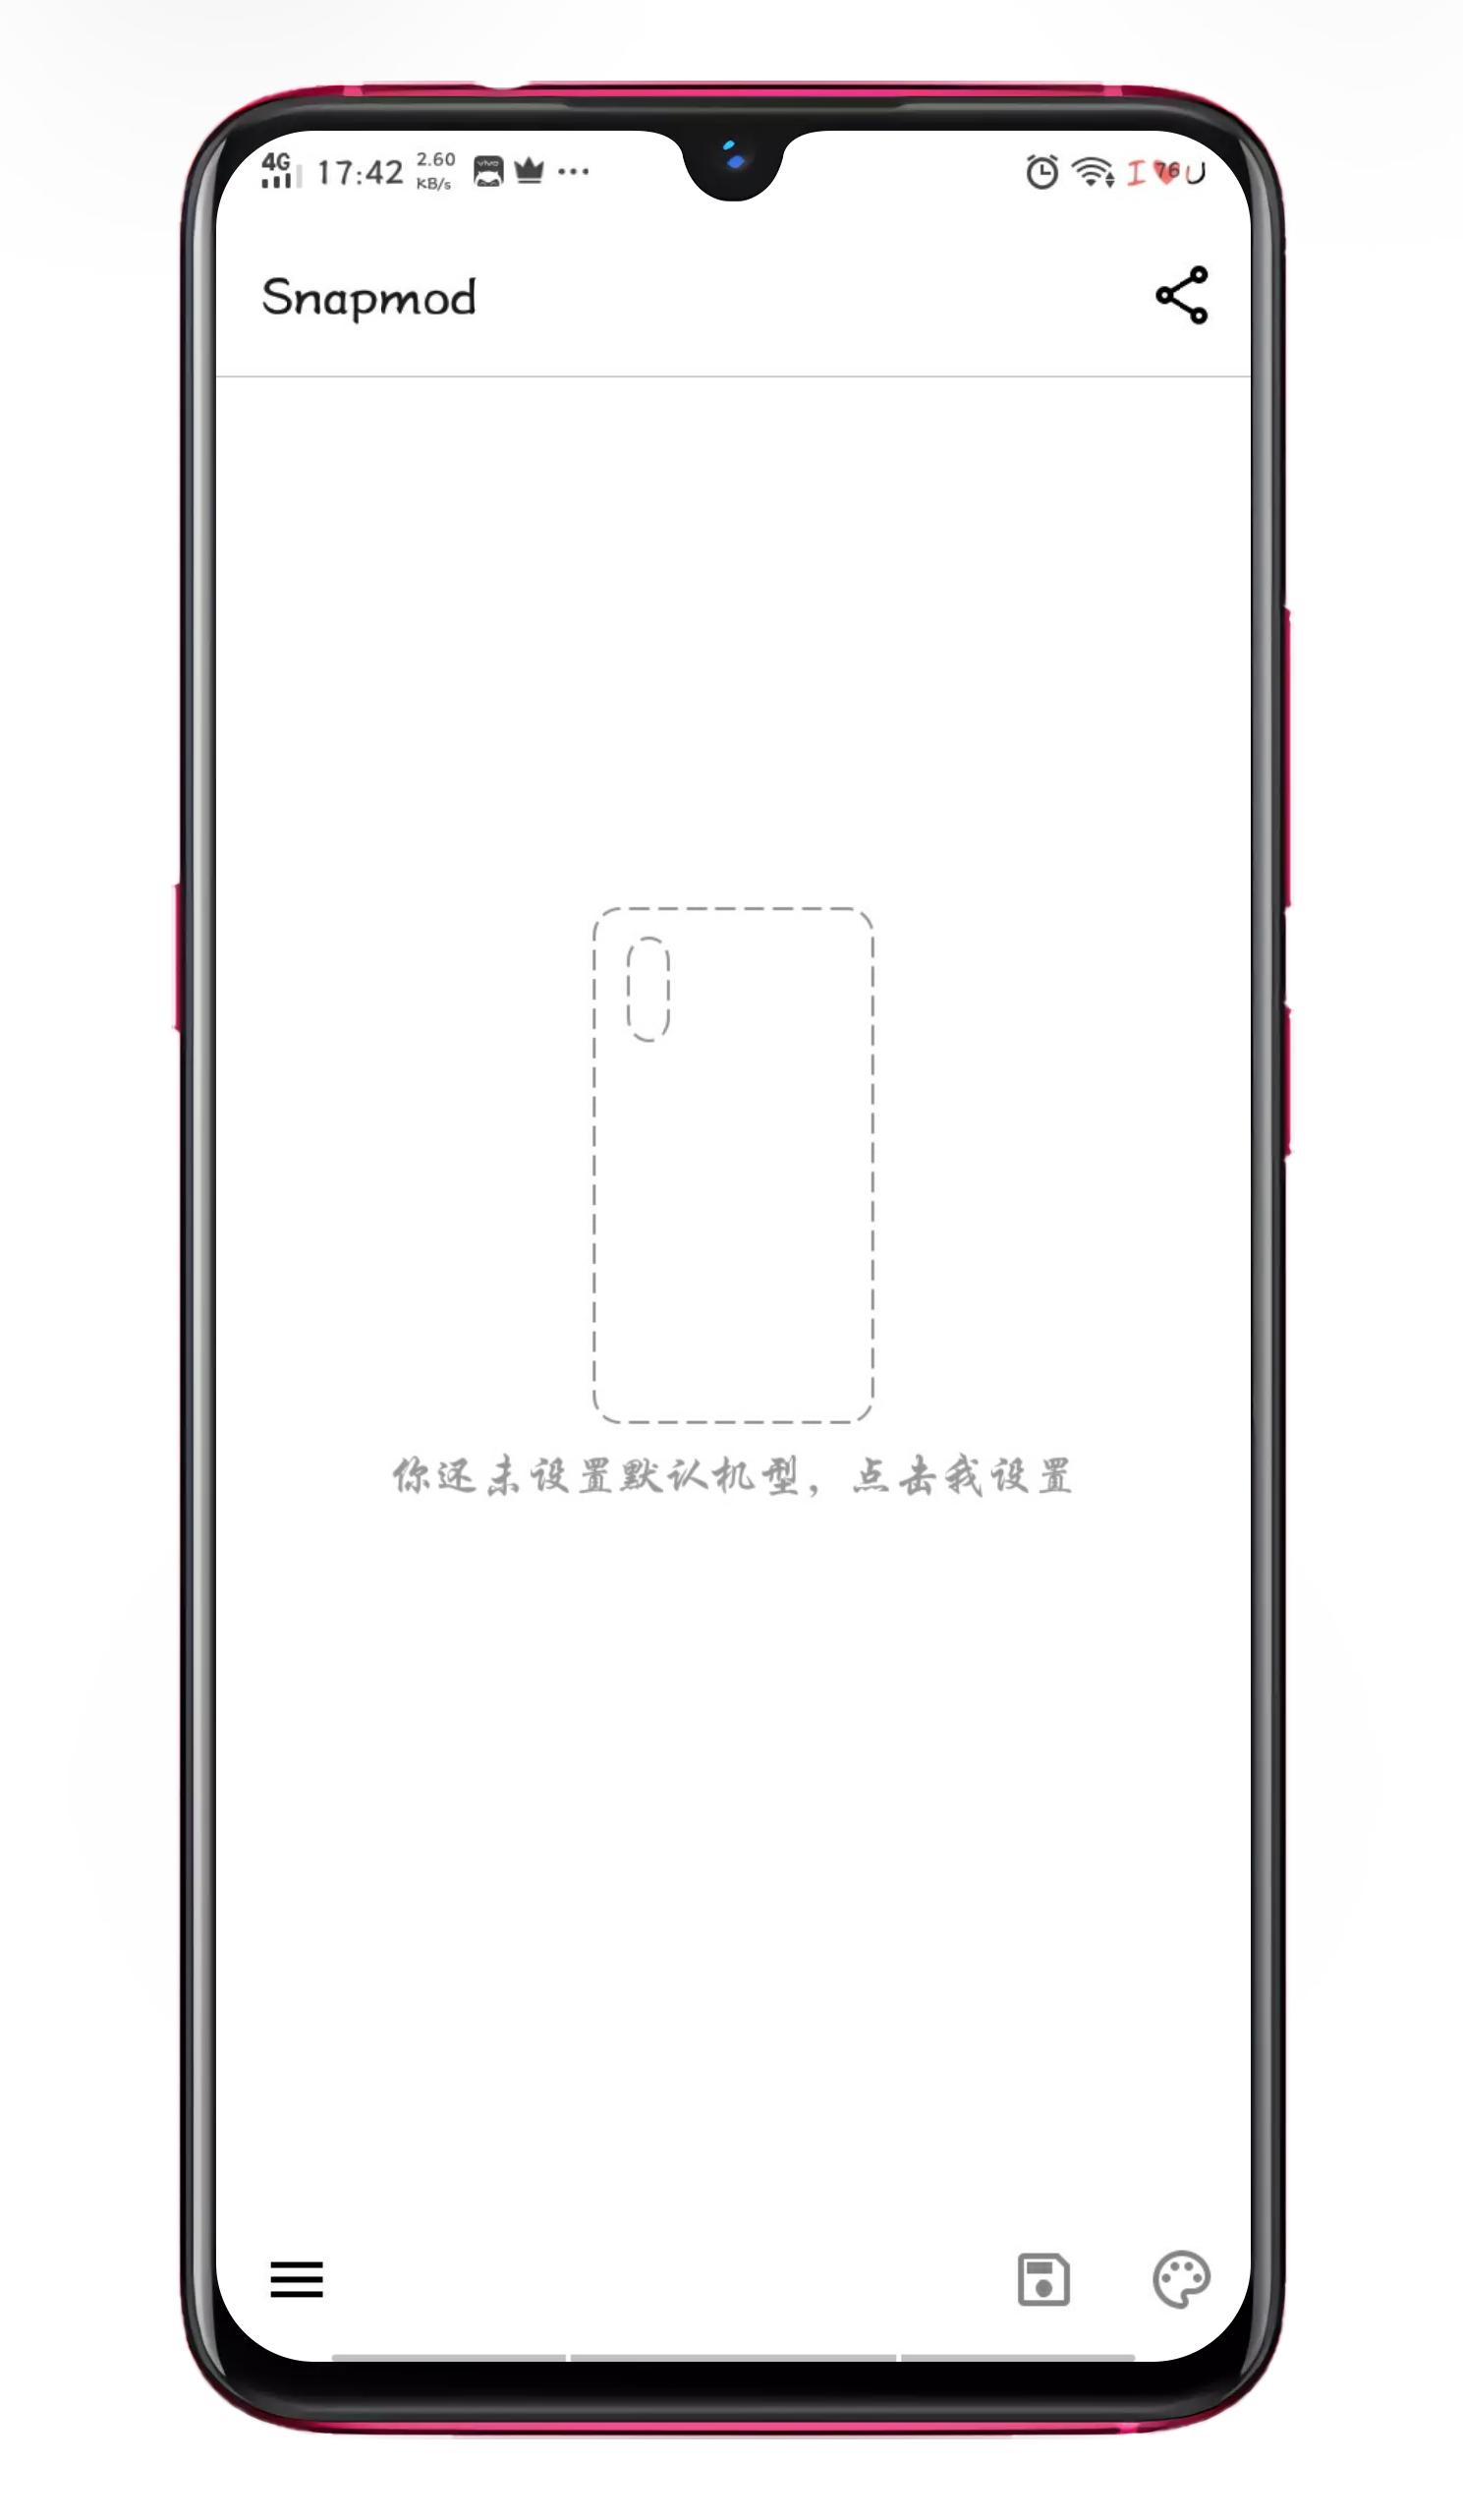 手机带壳截图v1.5.5破解版